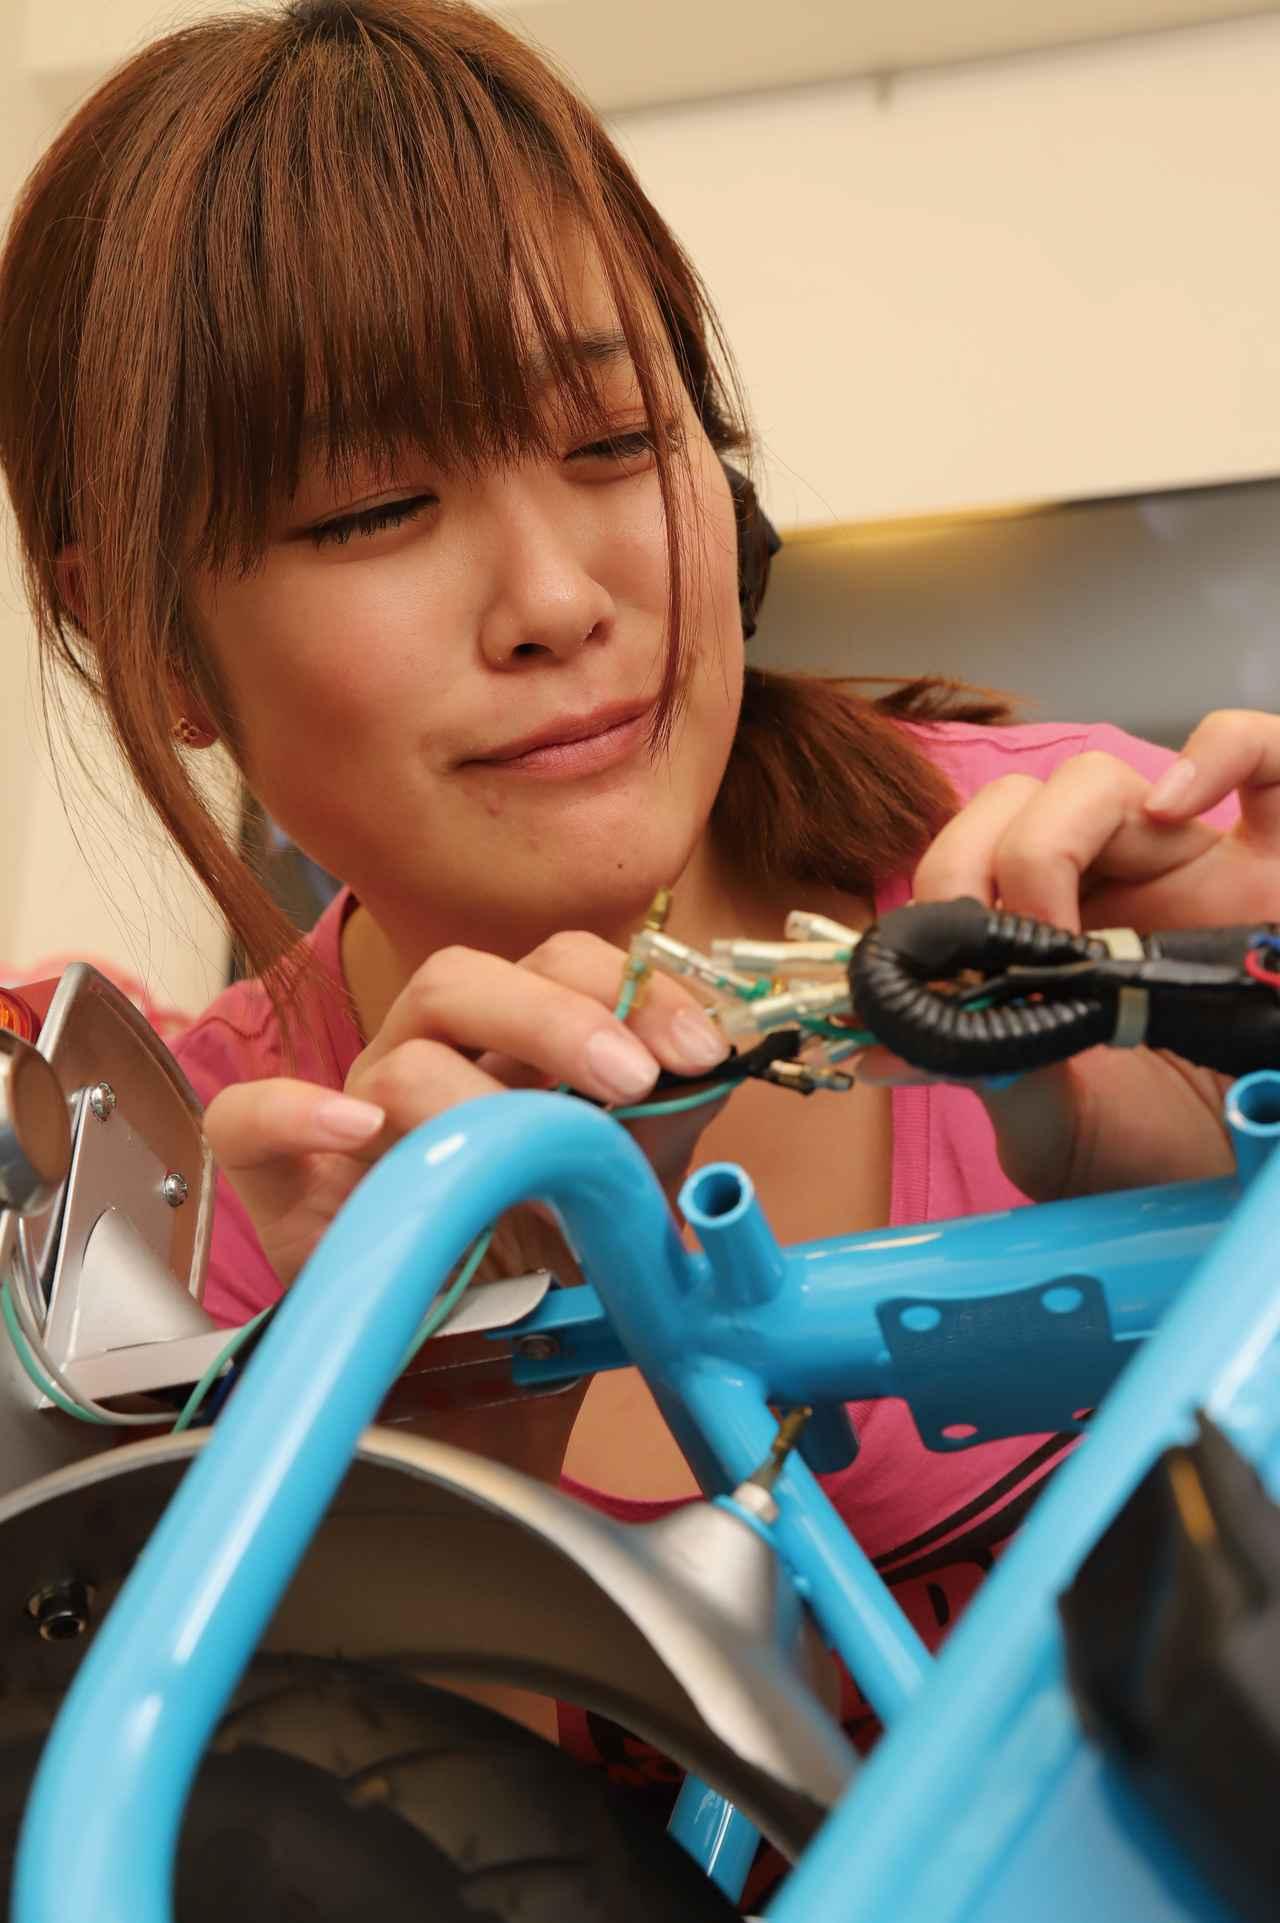 画像2: 世界最小のキットバイク仔猿完成!